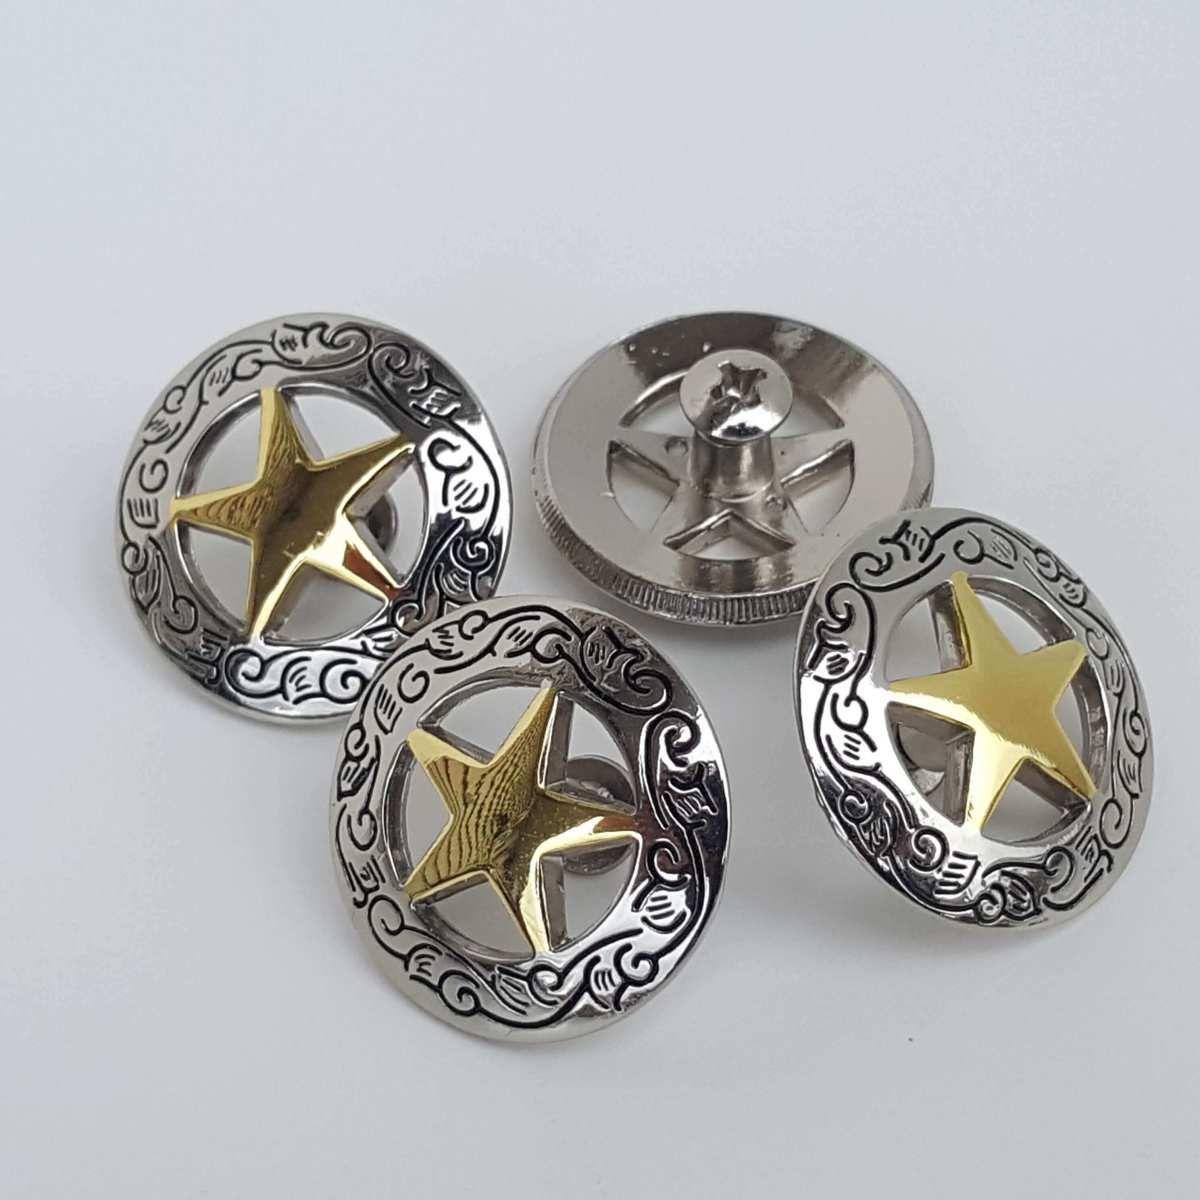 Set of 10 Western Engraved 12 Heart Conchos Saddle tack belt